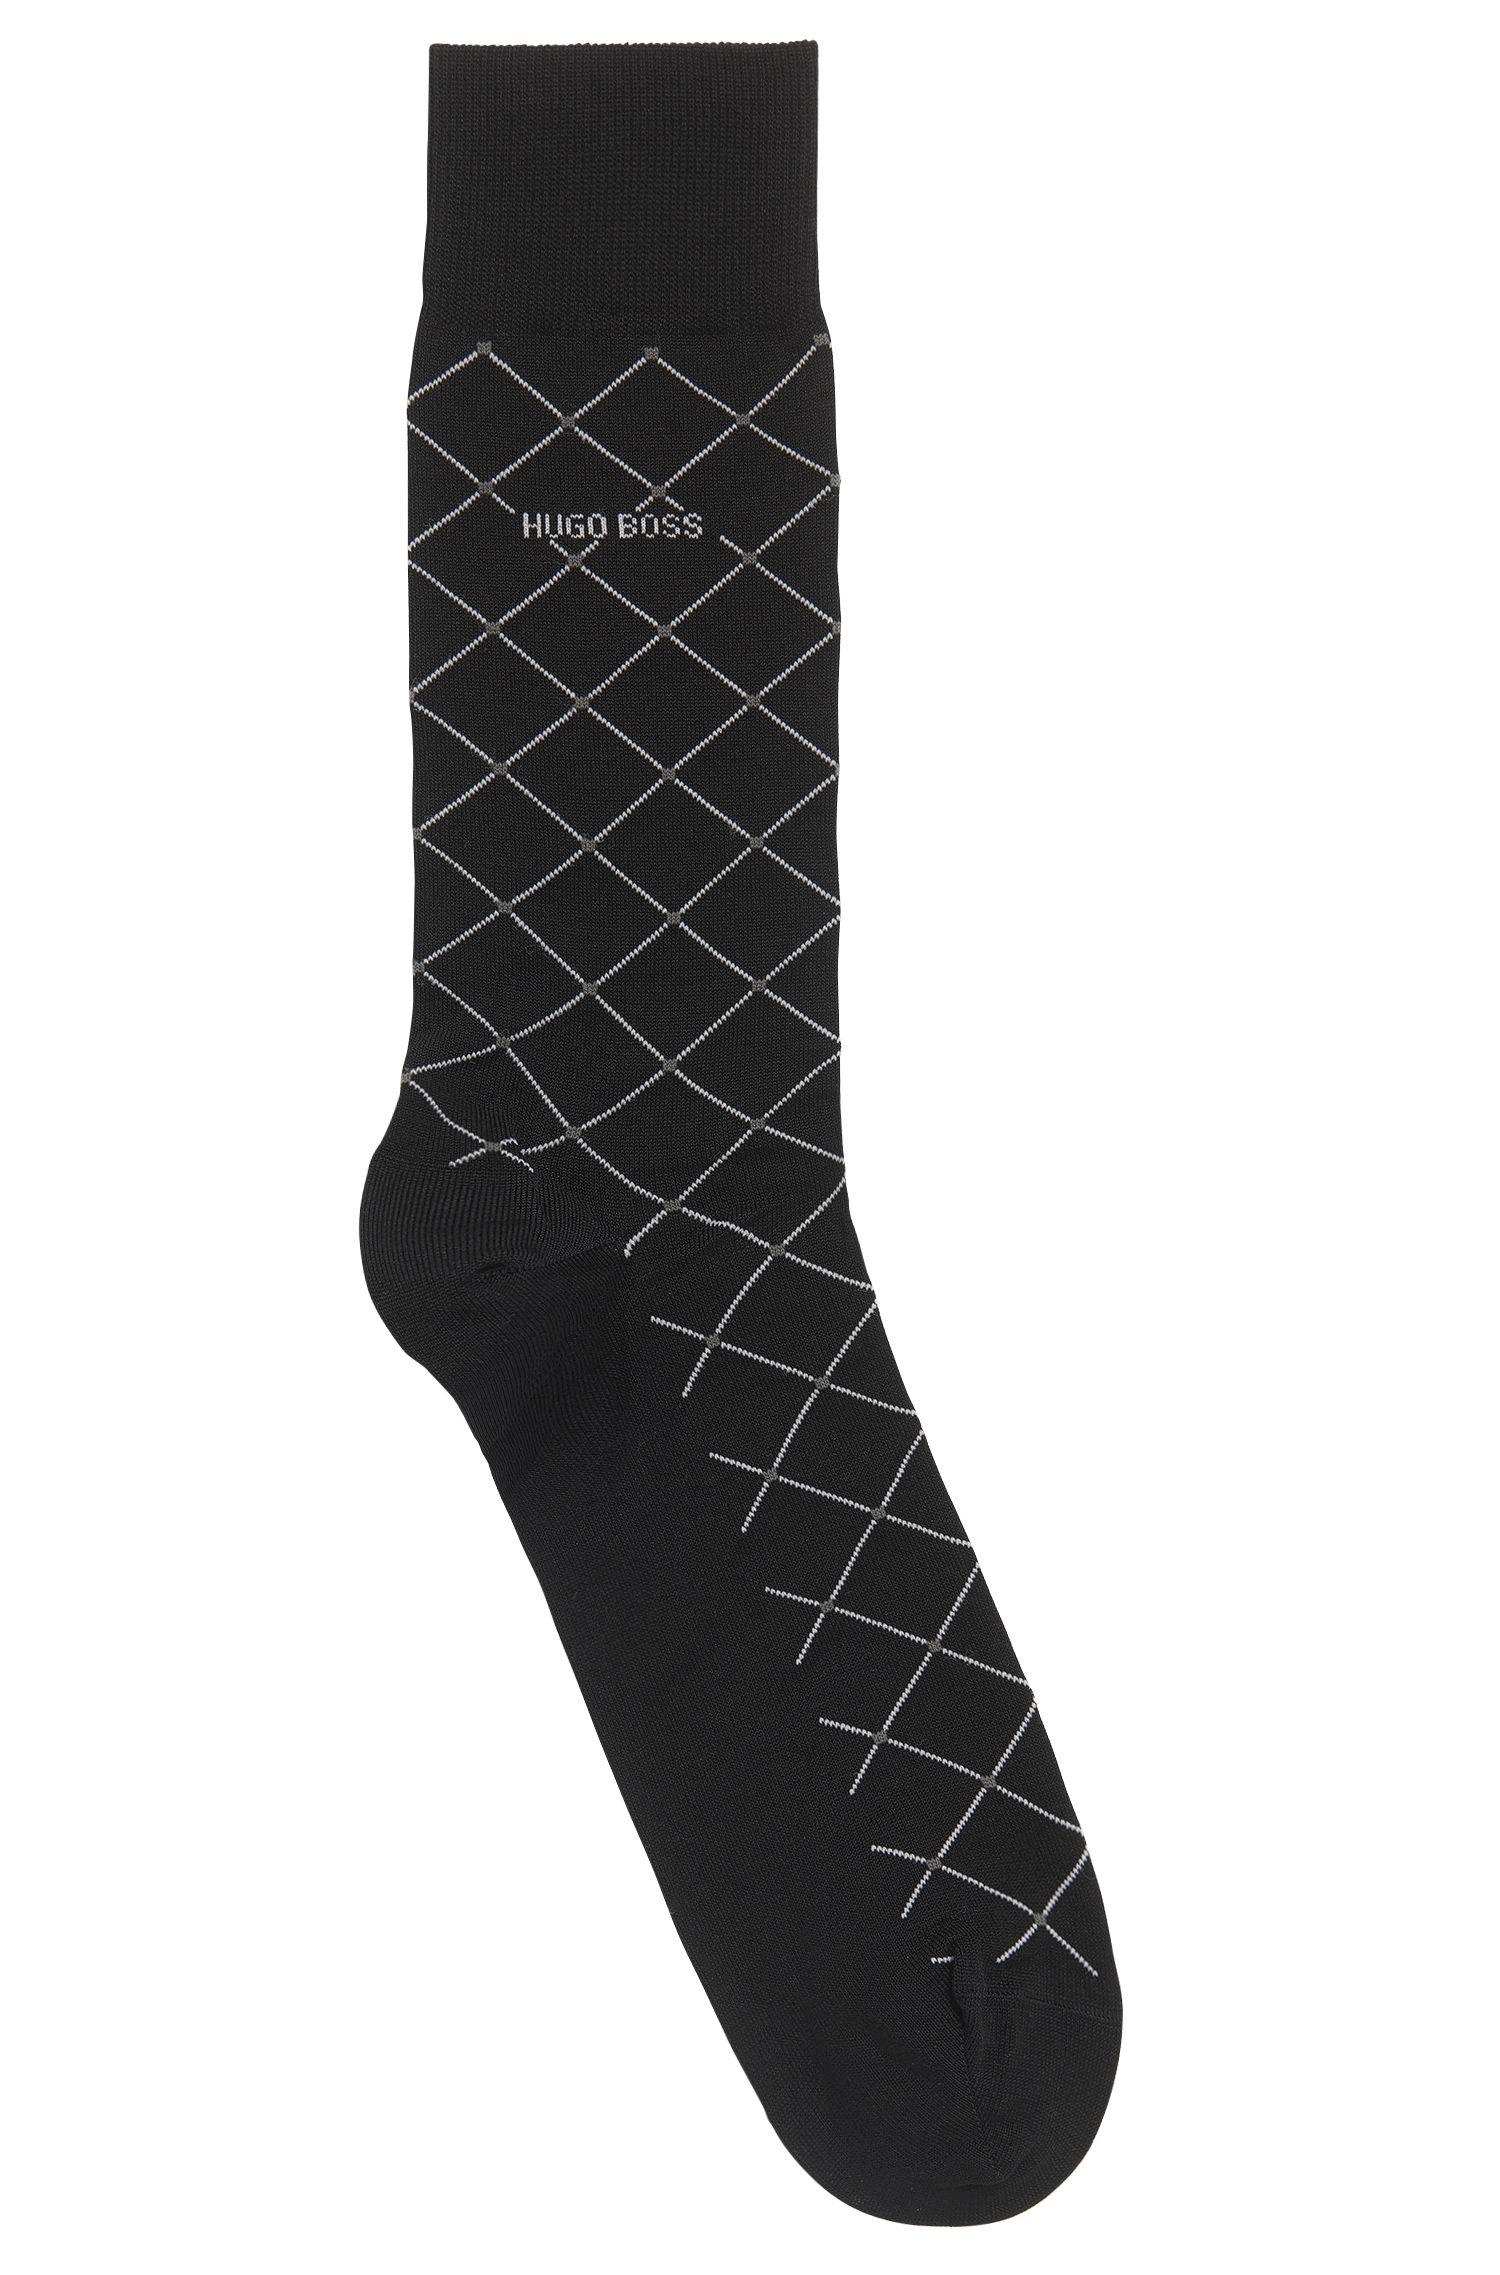 Sokken van een gemerceriseerde katoenmix met diagonaal ruitdessin